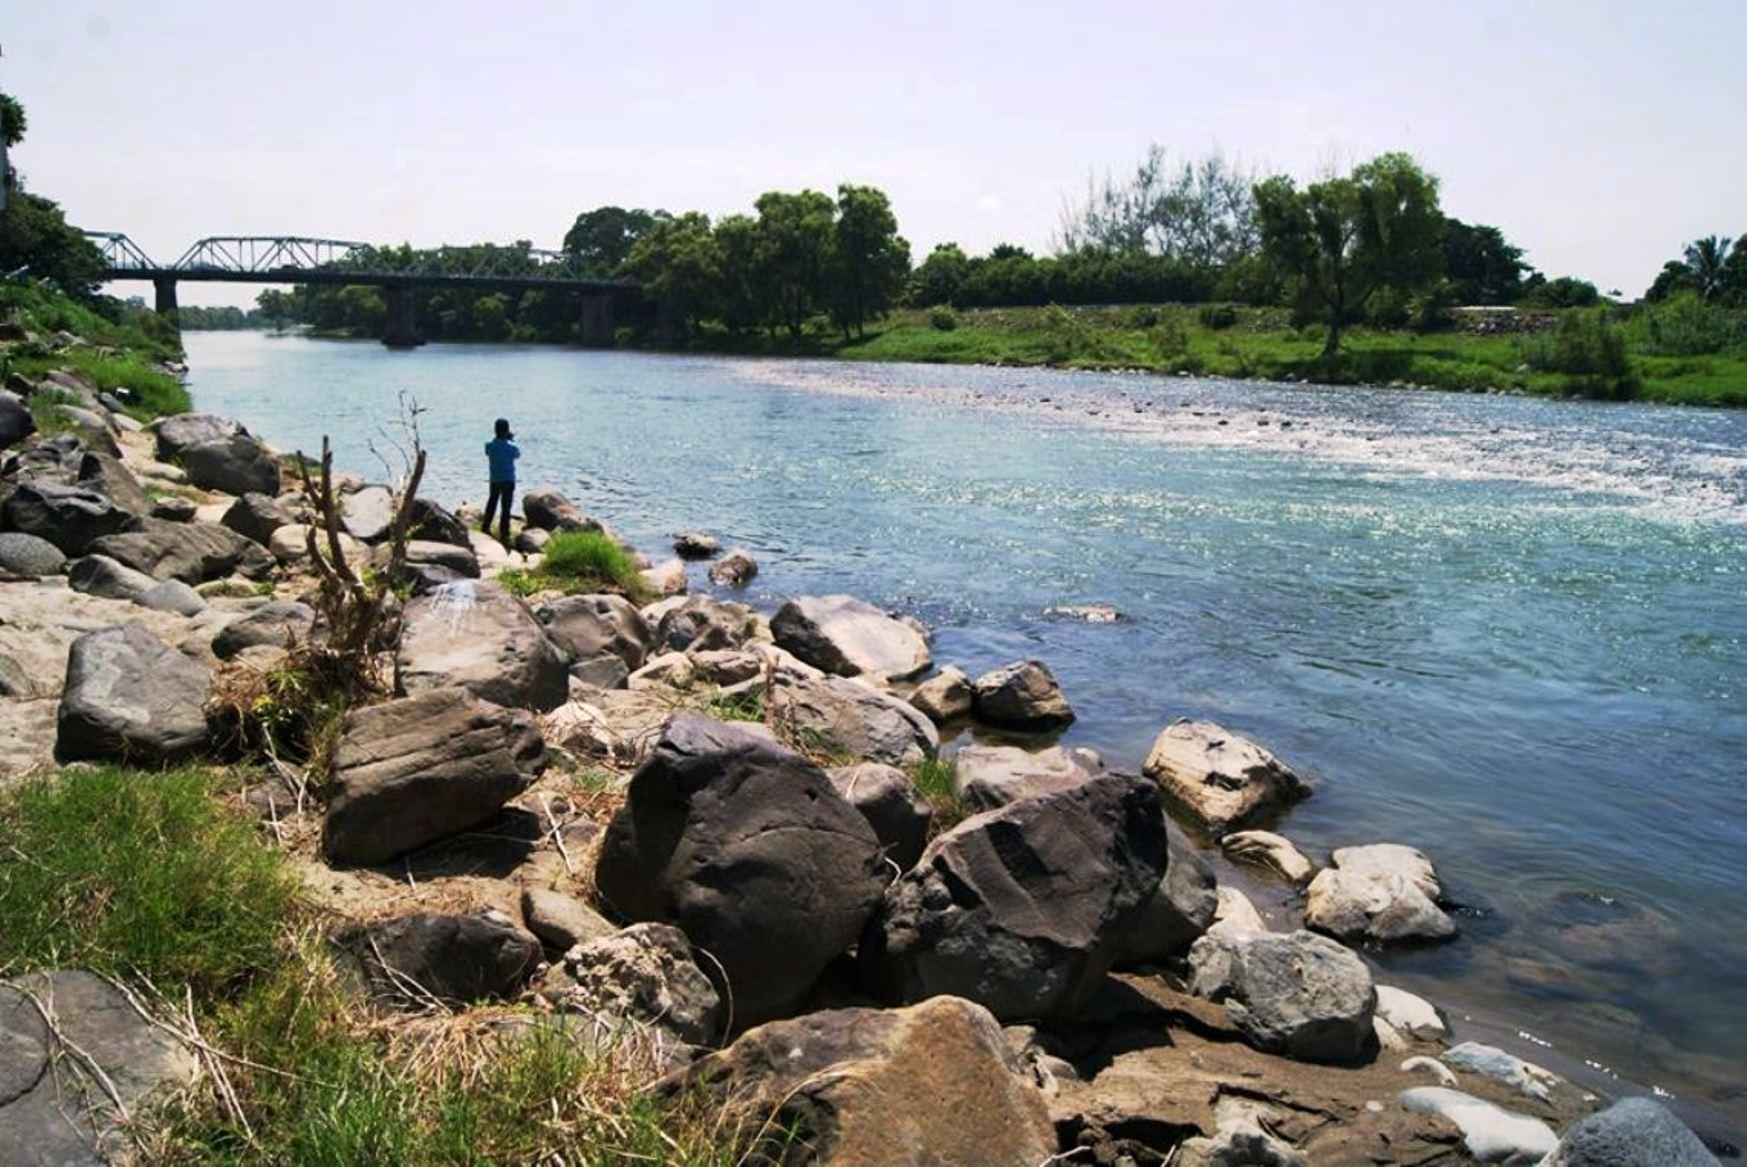 Cuencas hidrológicas, contaminadas con metales pesados y pesticidas